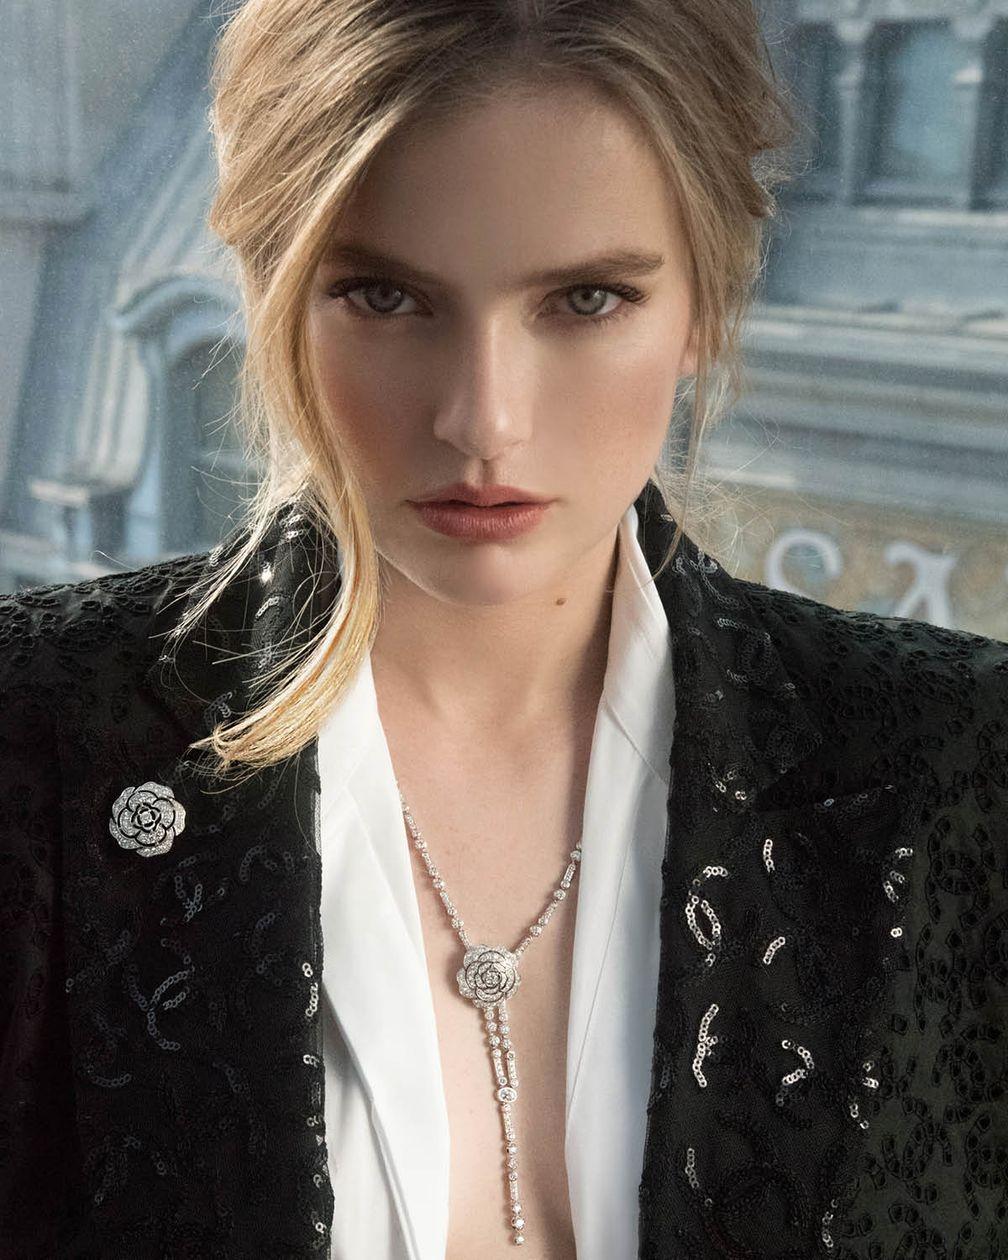 Камилль Раза в коллекции Chanel Camélia